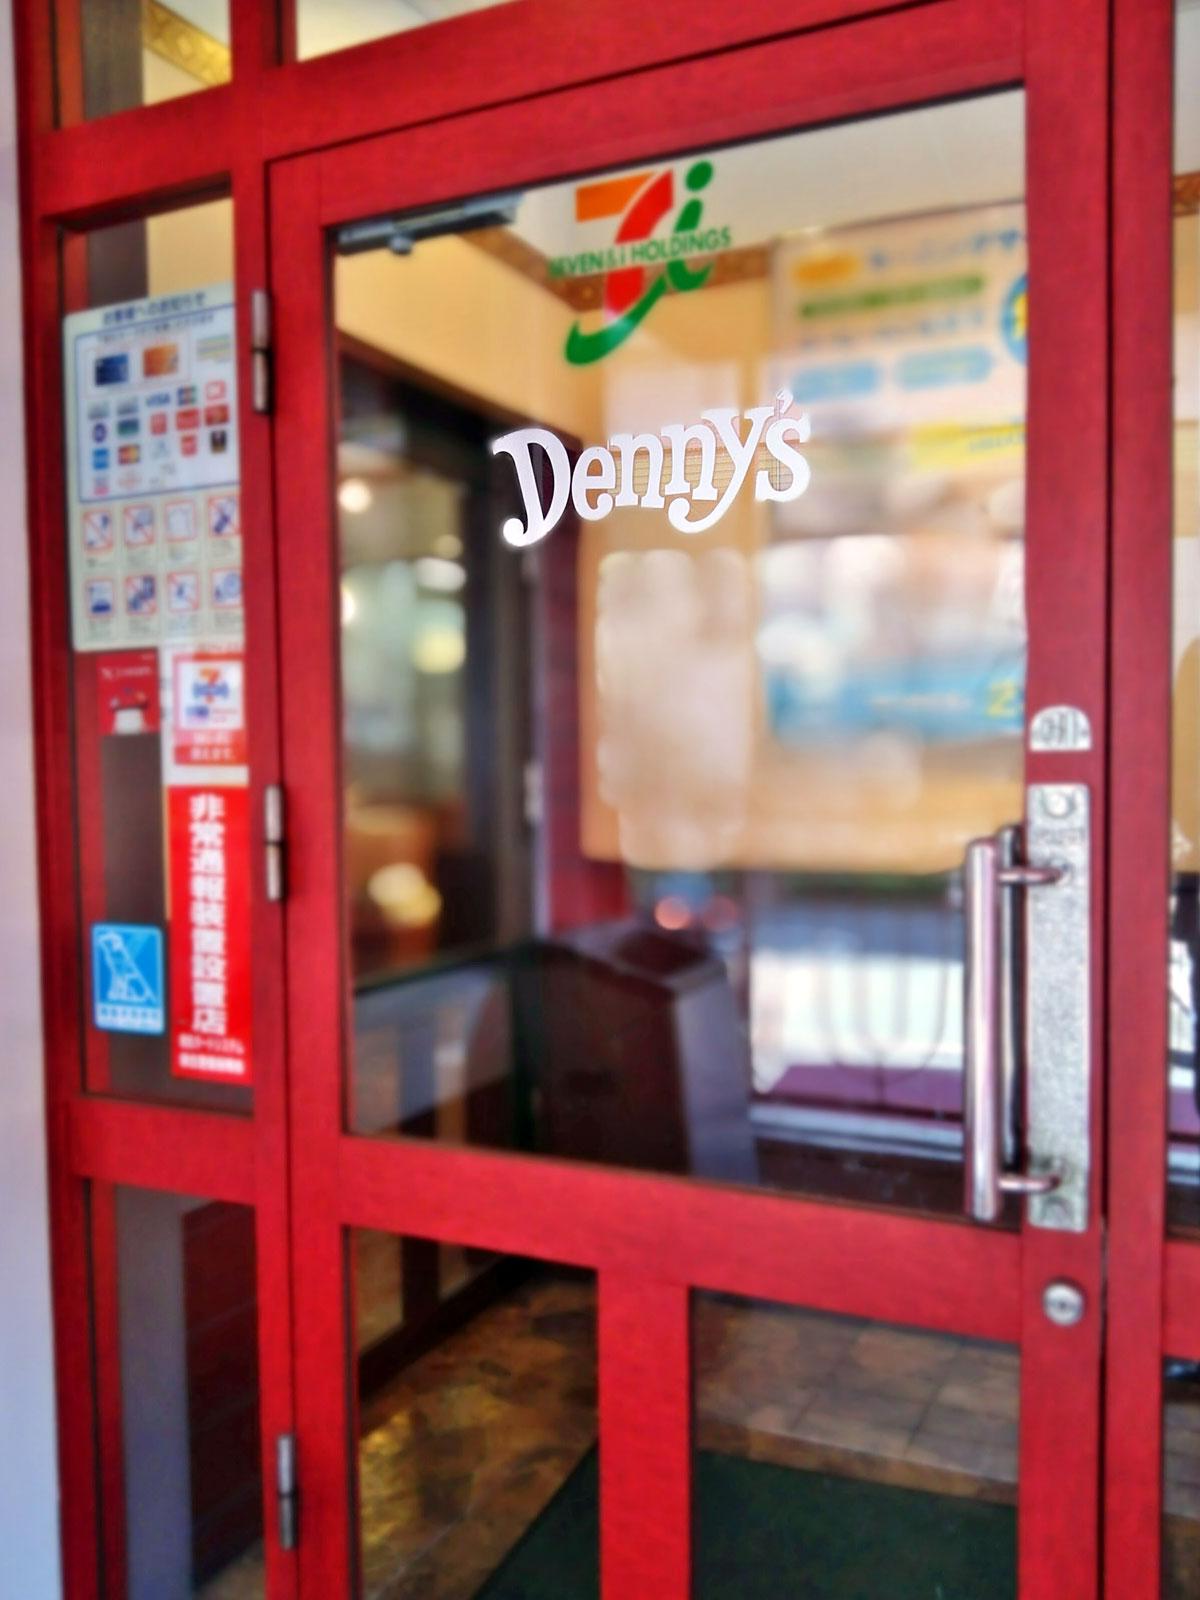 デニーズの新モーニングサービス